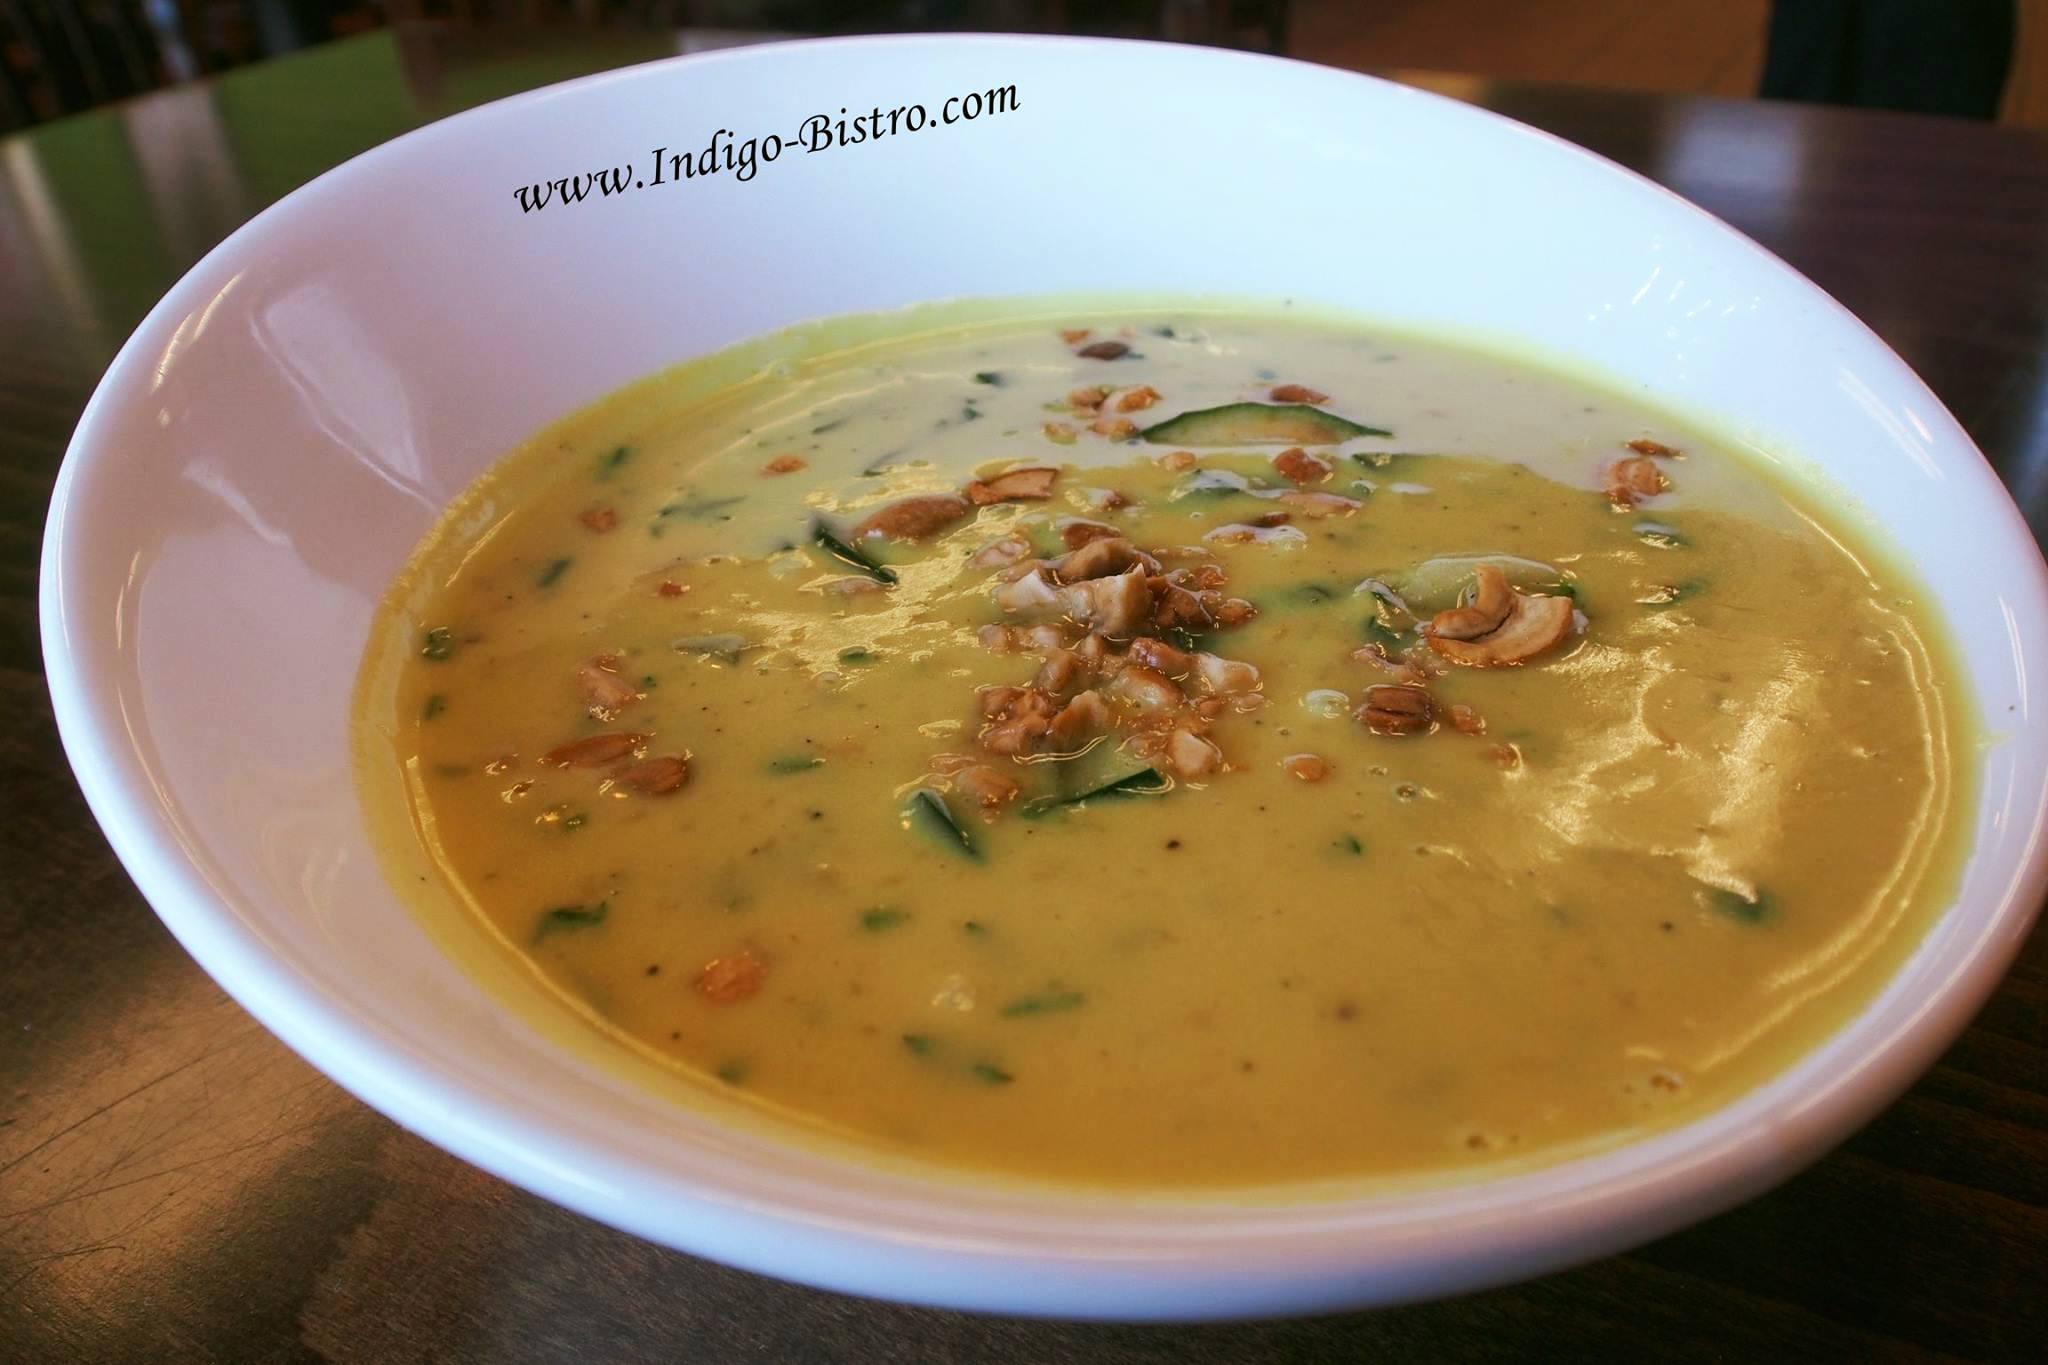 Soup - Nariyal Kaju Soup